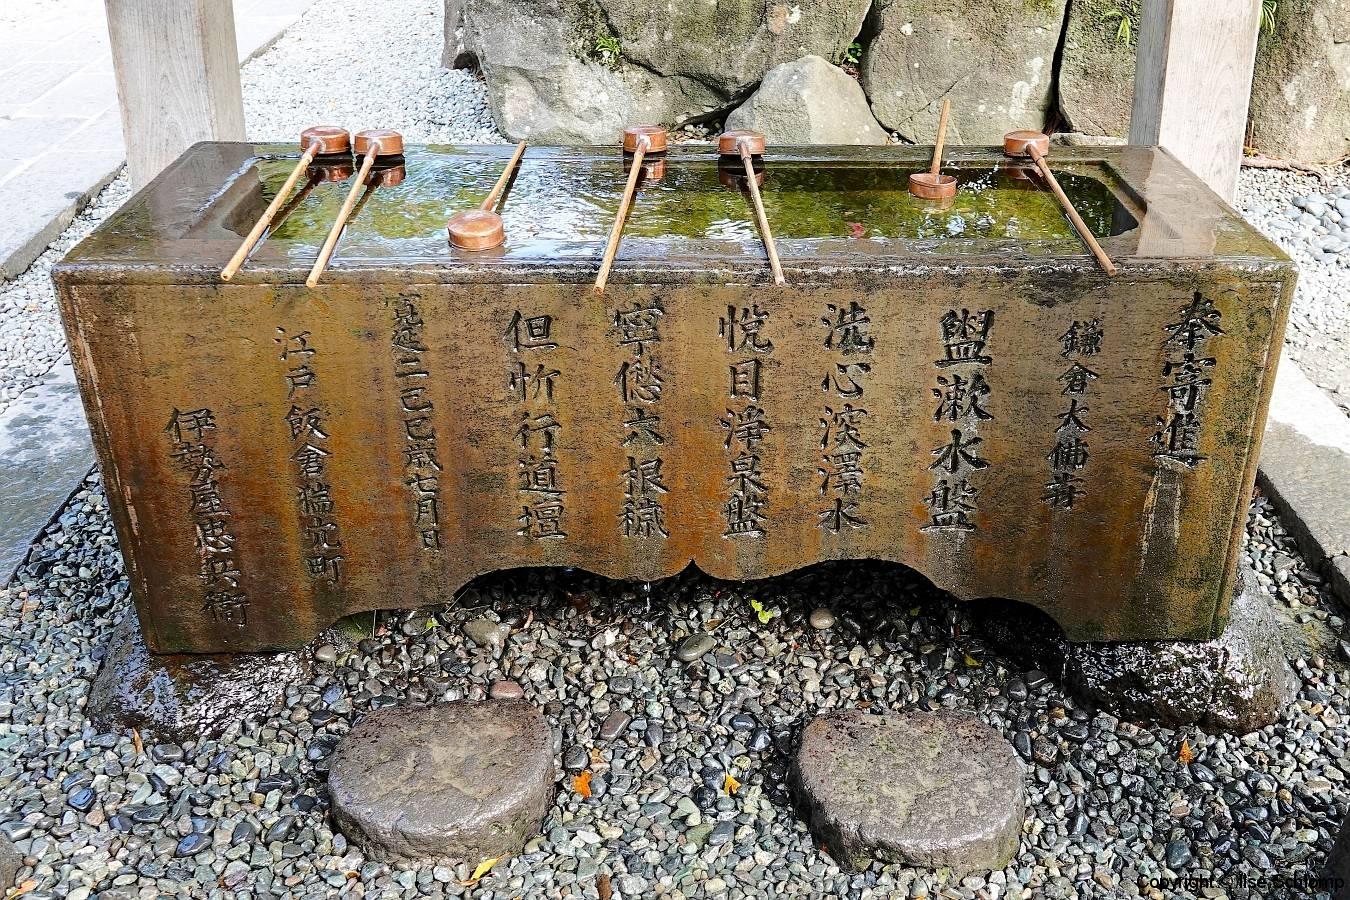 Japan, Kamakura, Chozu